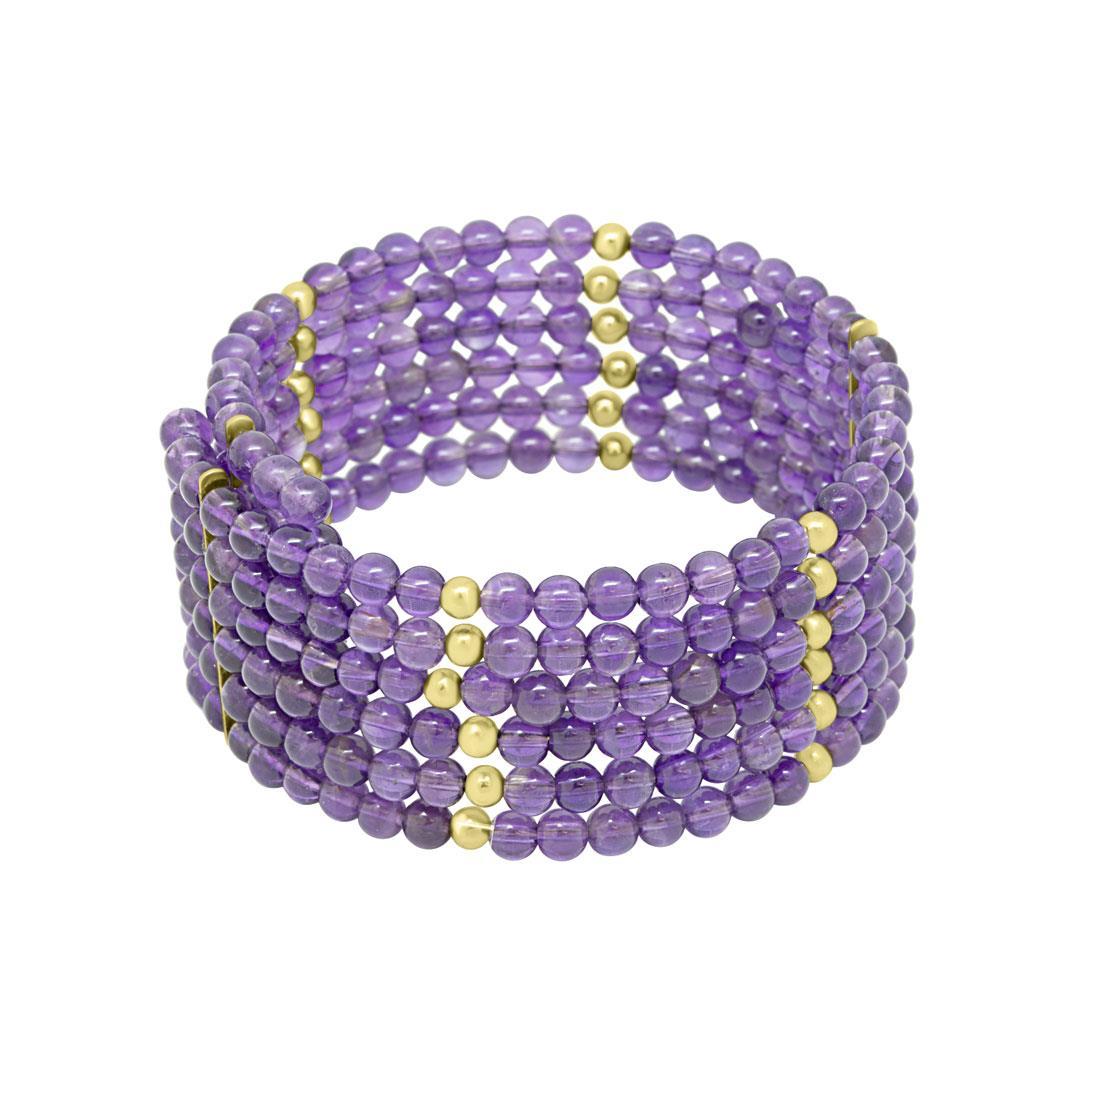 Bracciale rigido con pietre viola e elementi color oro  - RIVIK